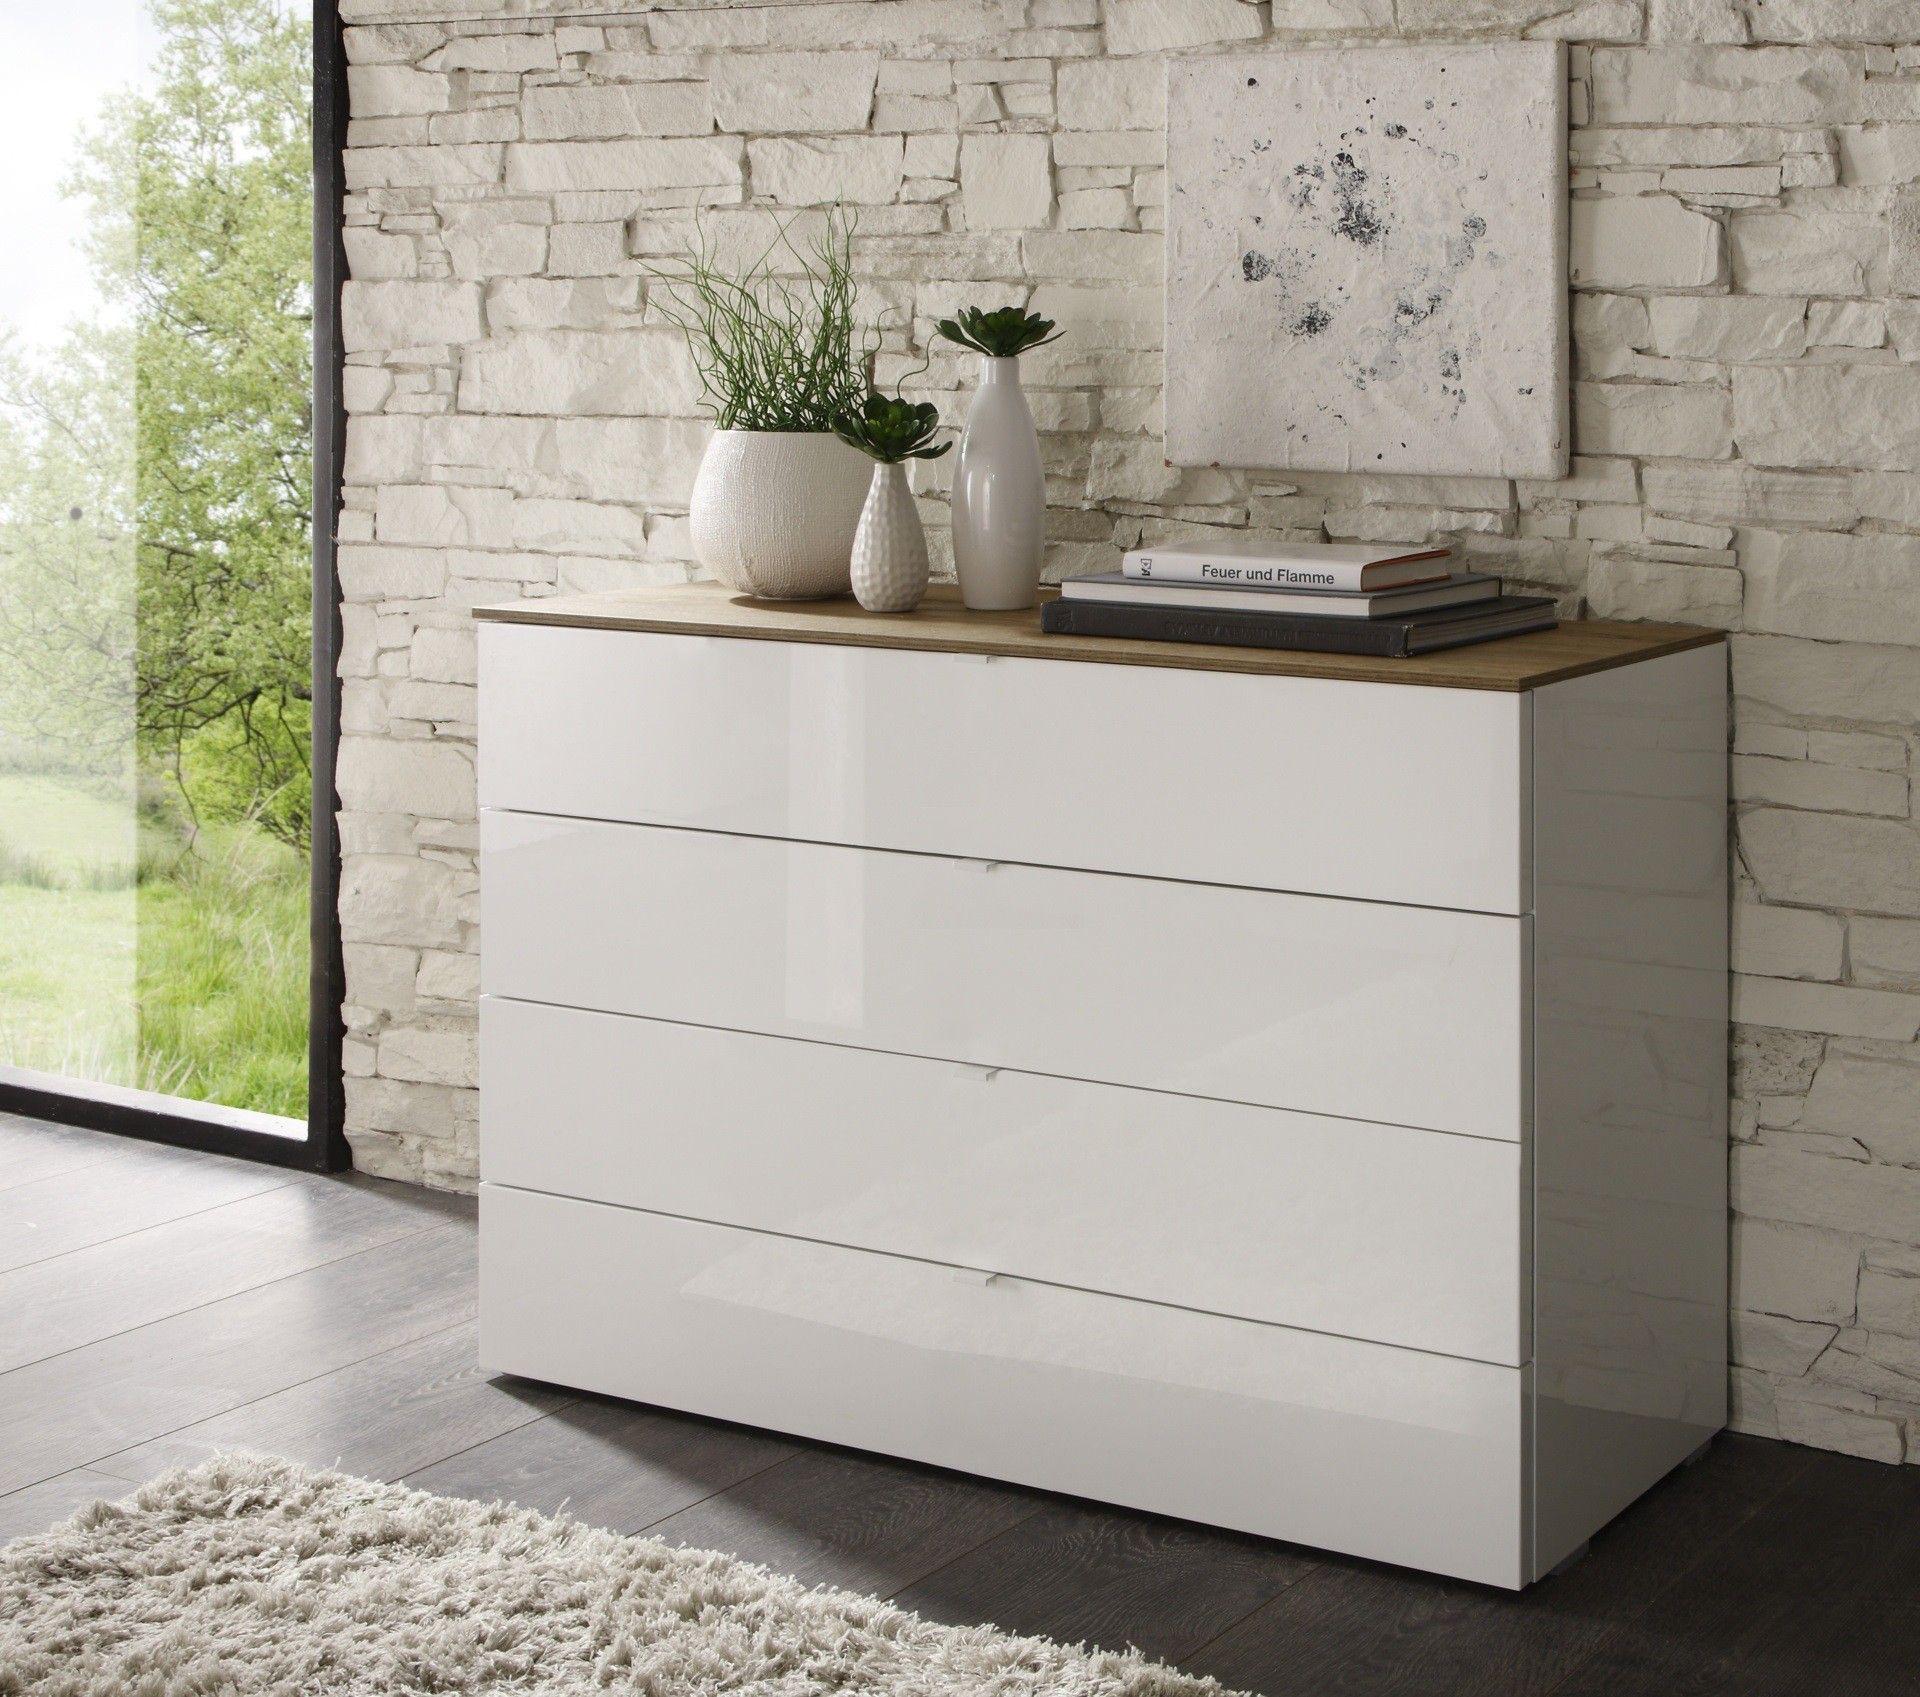 meuble de rangement design 4 tiroirs